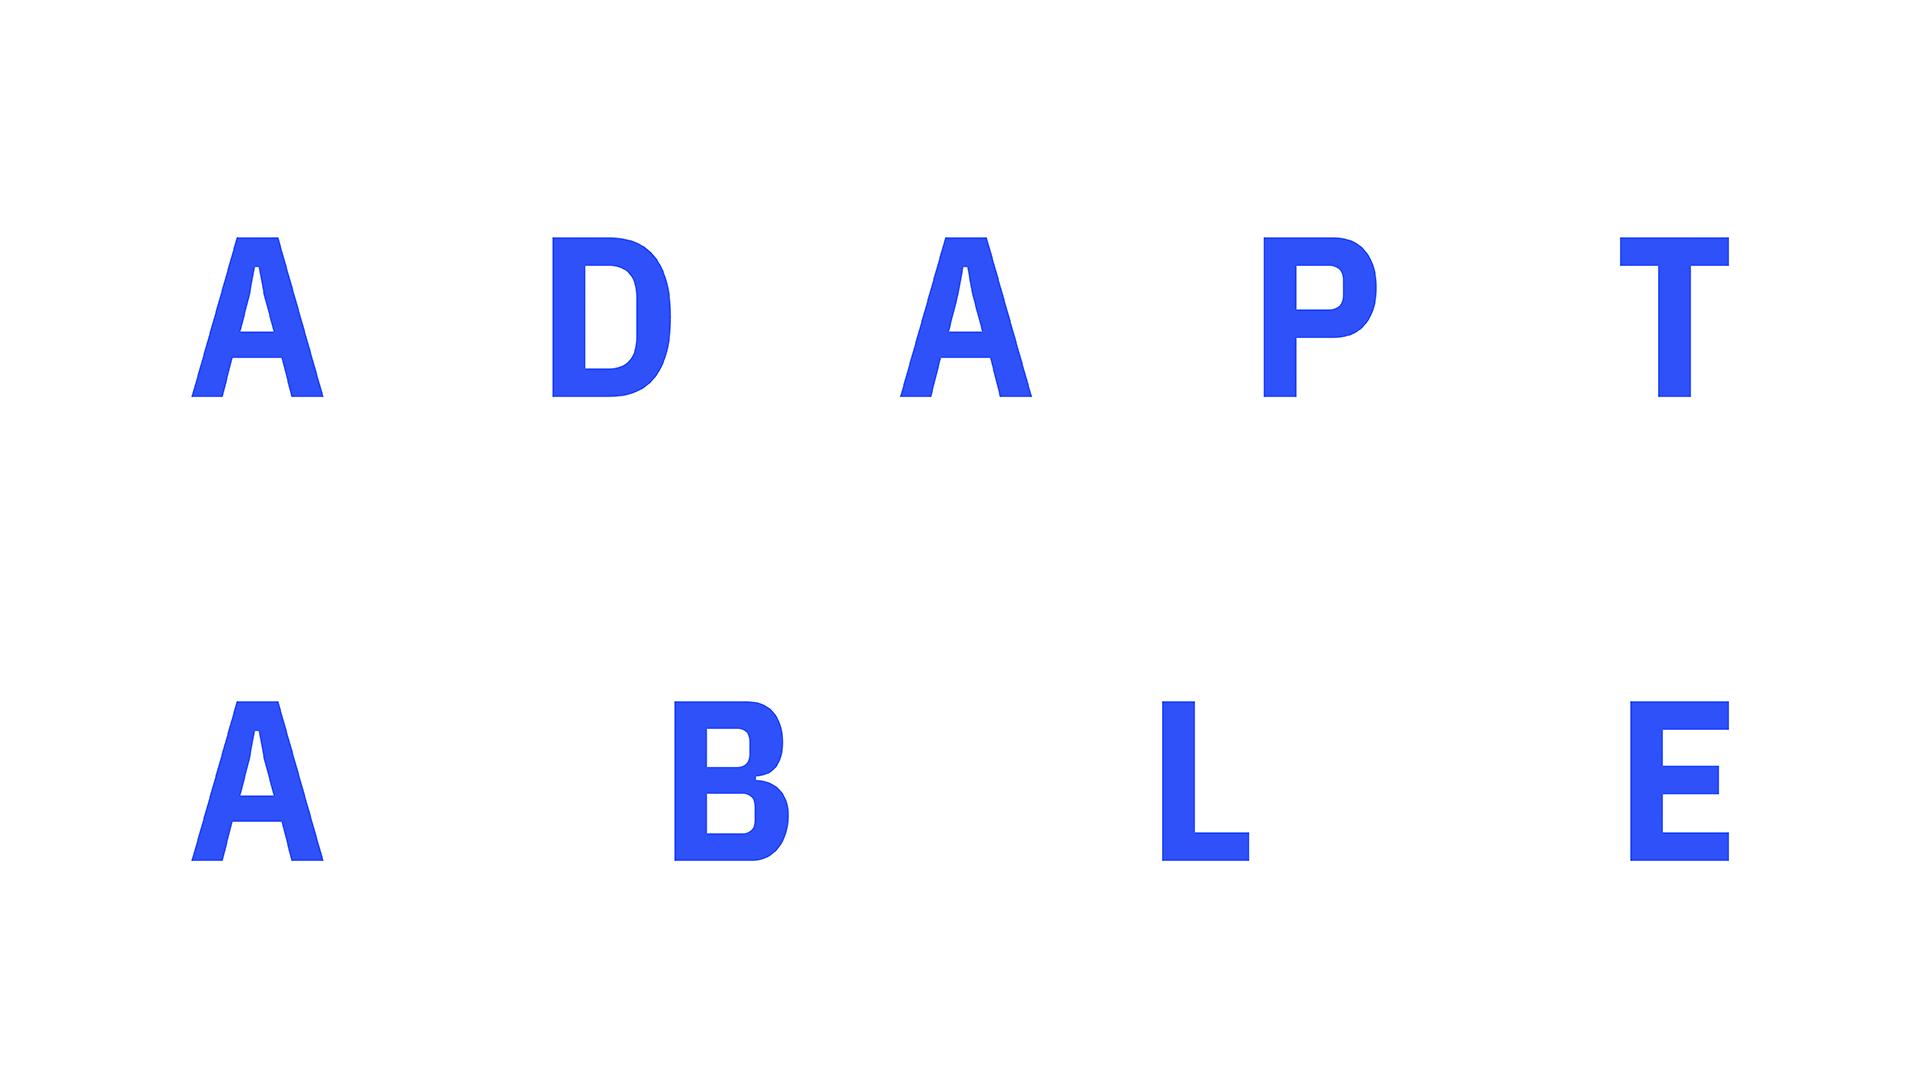 FlatType_v0103.png